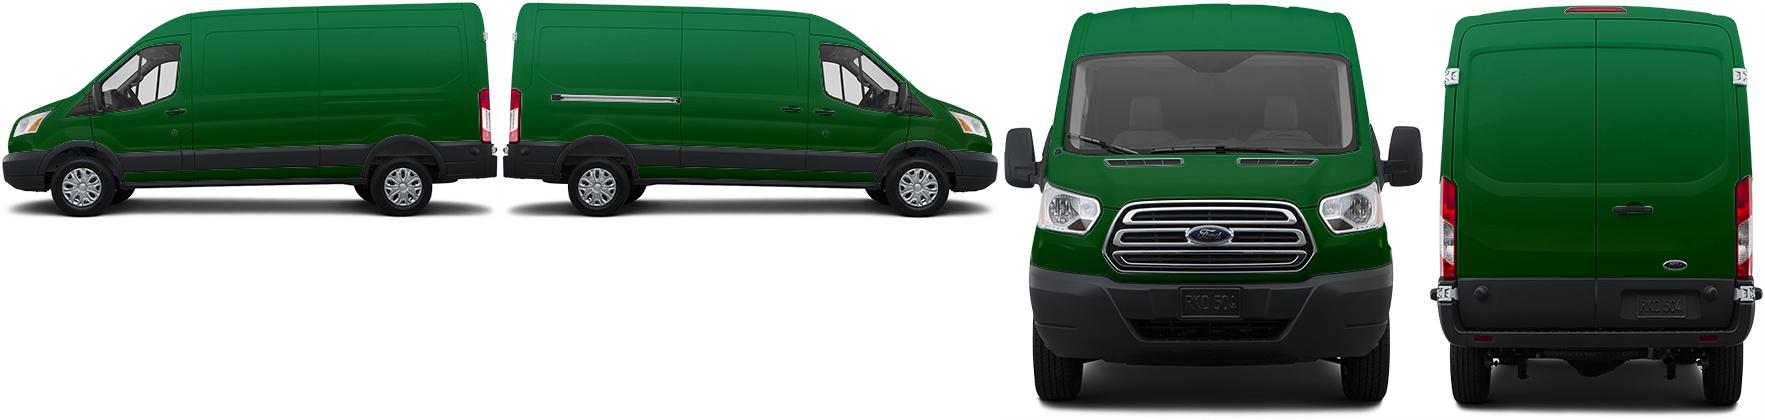 Transit Van Wrap #50250